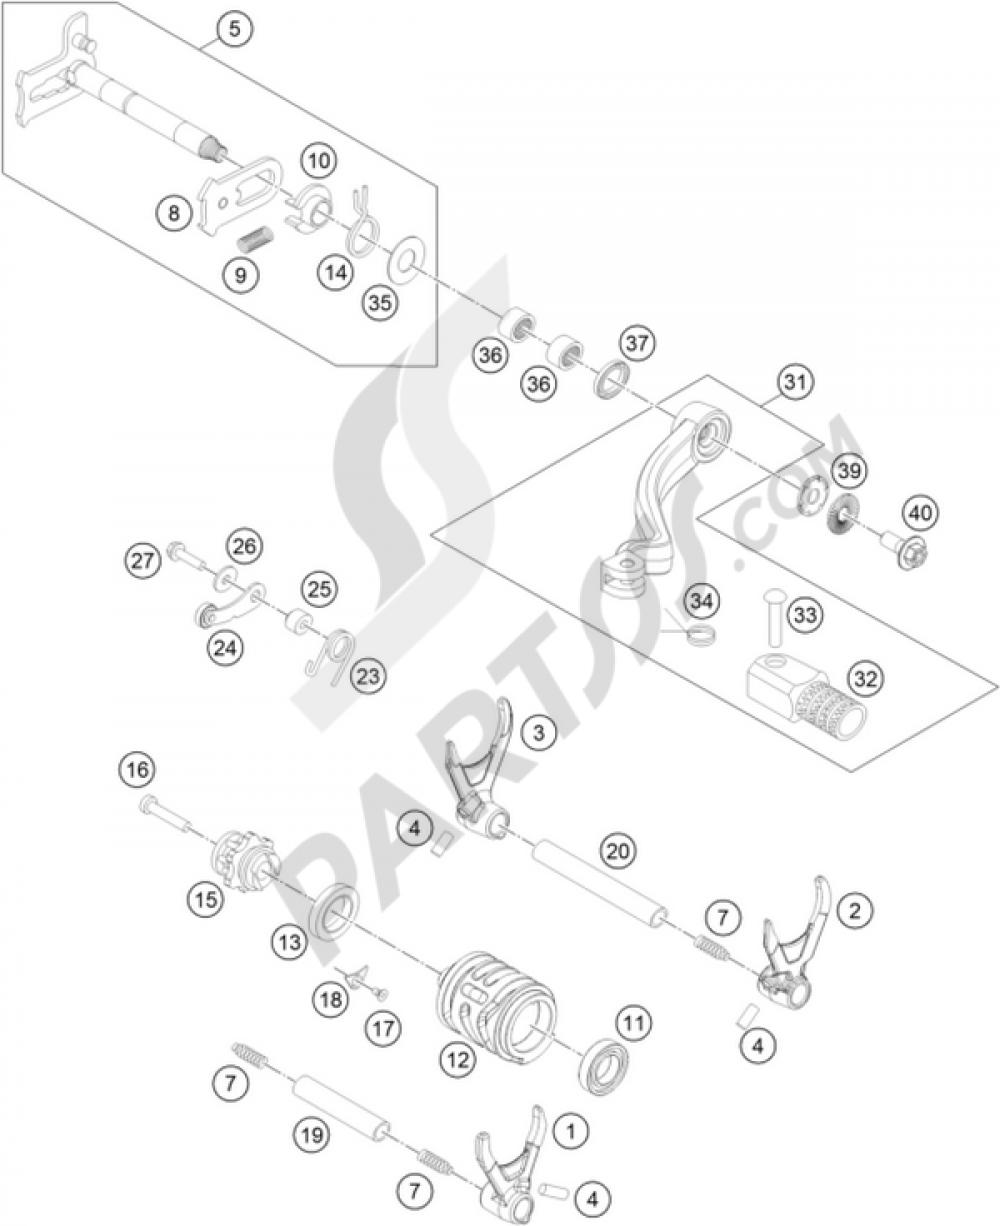 Shifting Mechanism Ktm 350 Exc F 2012 Eu Engine Diagram